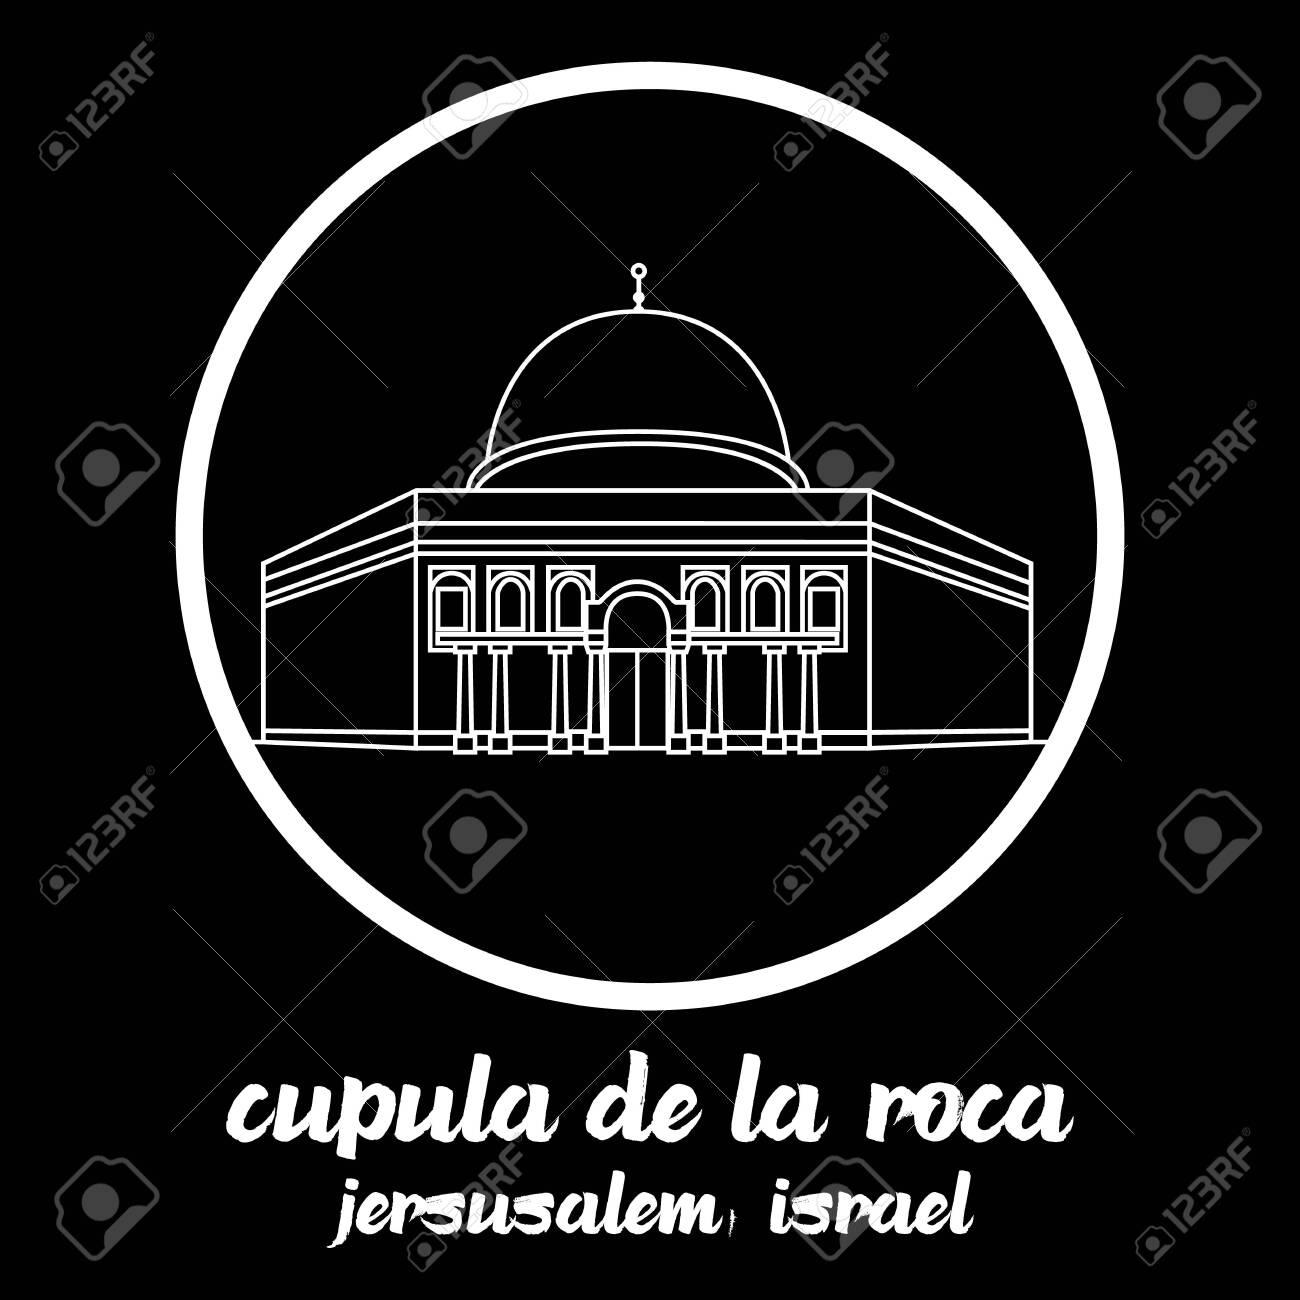 Circle icon line Cupula de la Roca. vector illustration - 133313288